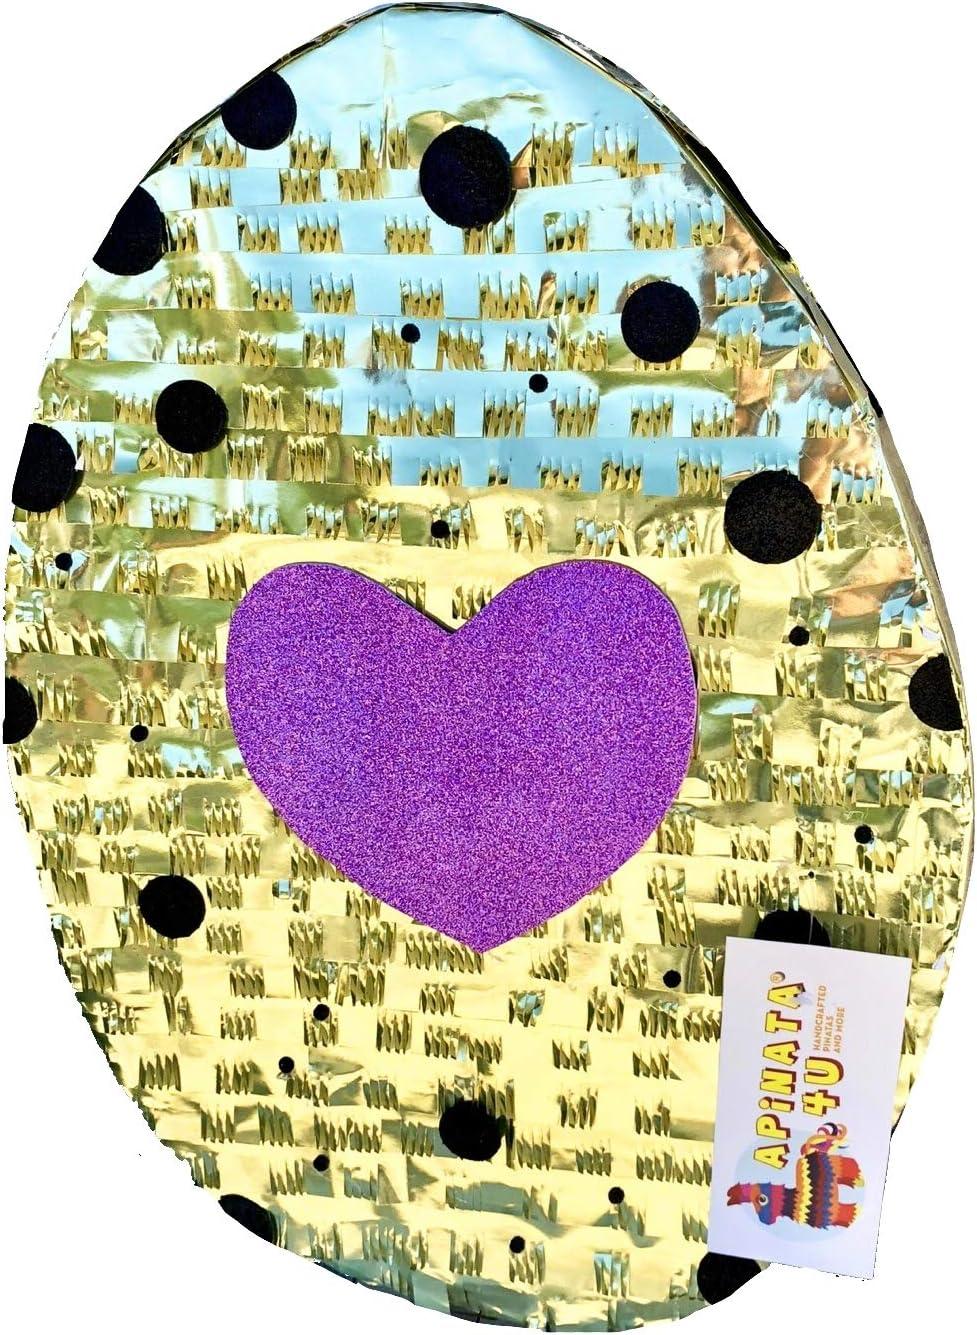 APINATA4U Unicorn Pinata with gold hearts